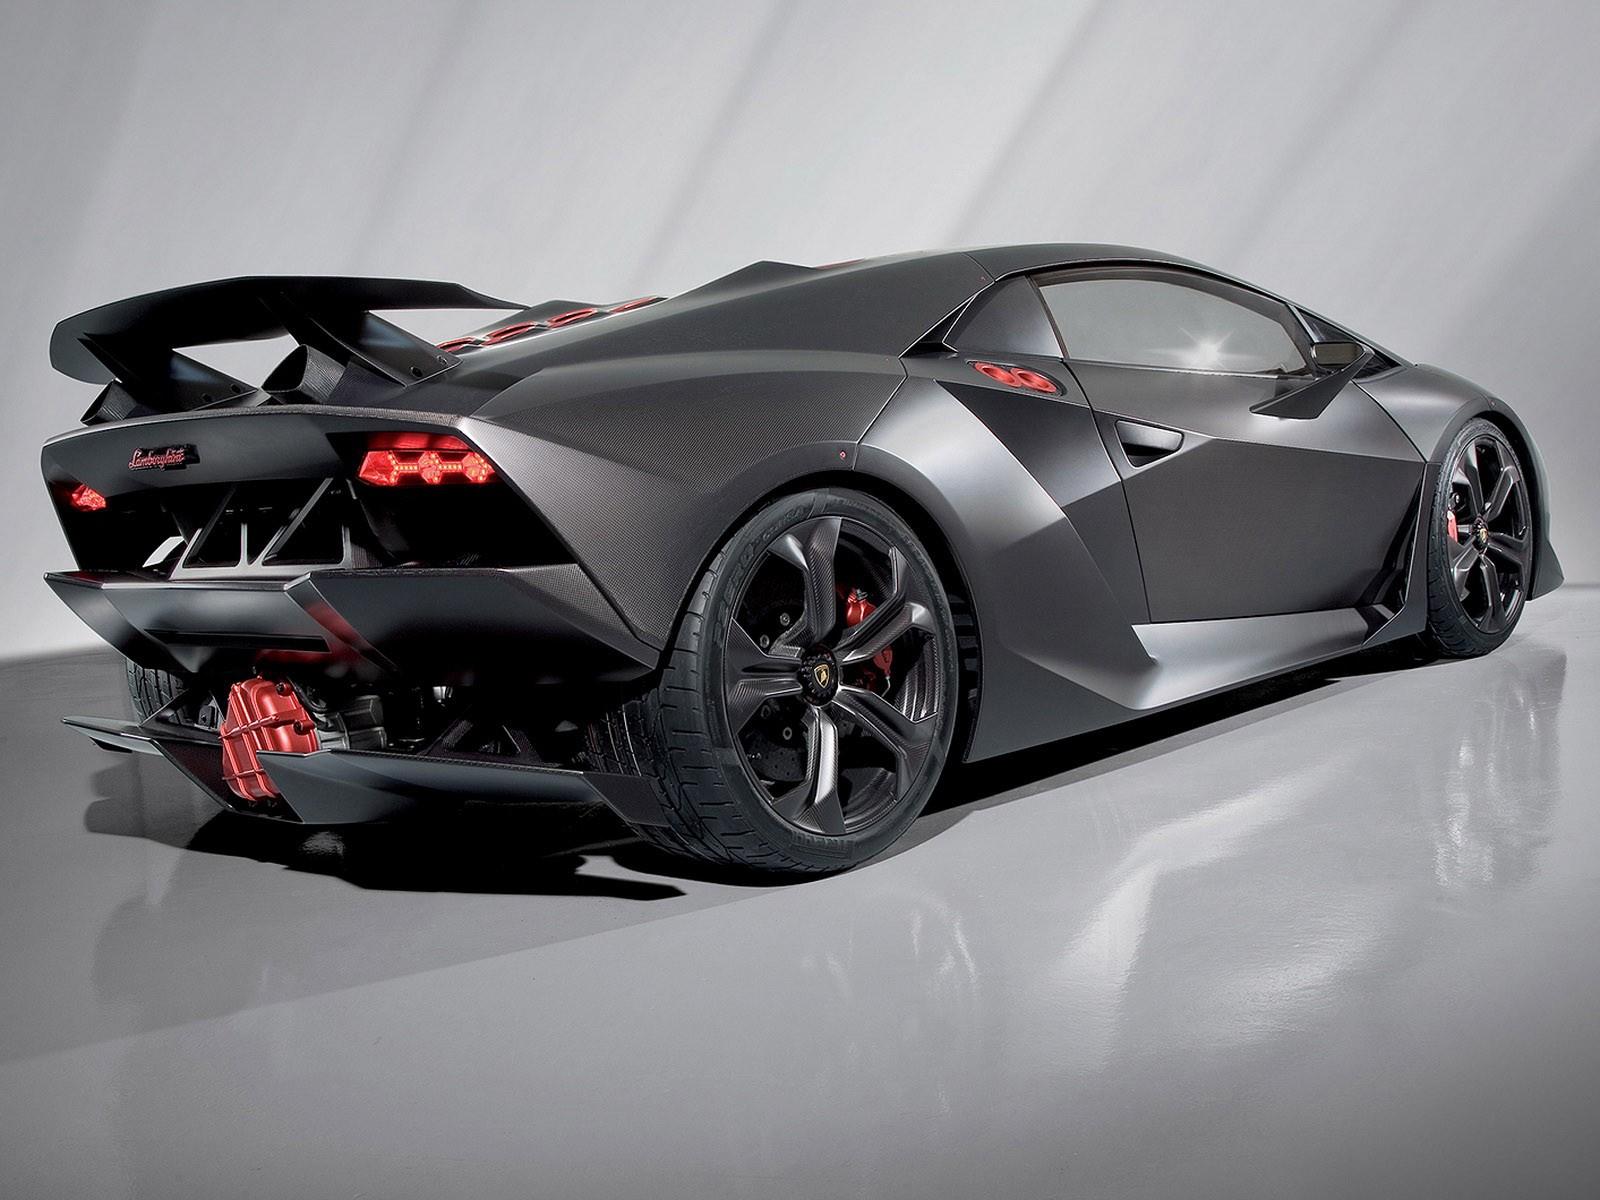 Lamborghini Sesto Elemento Concept 2010